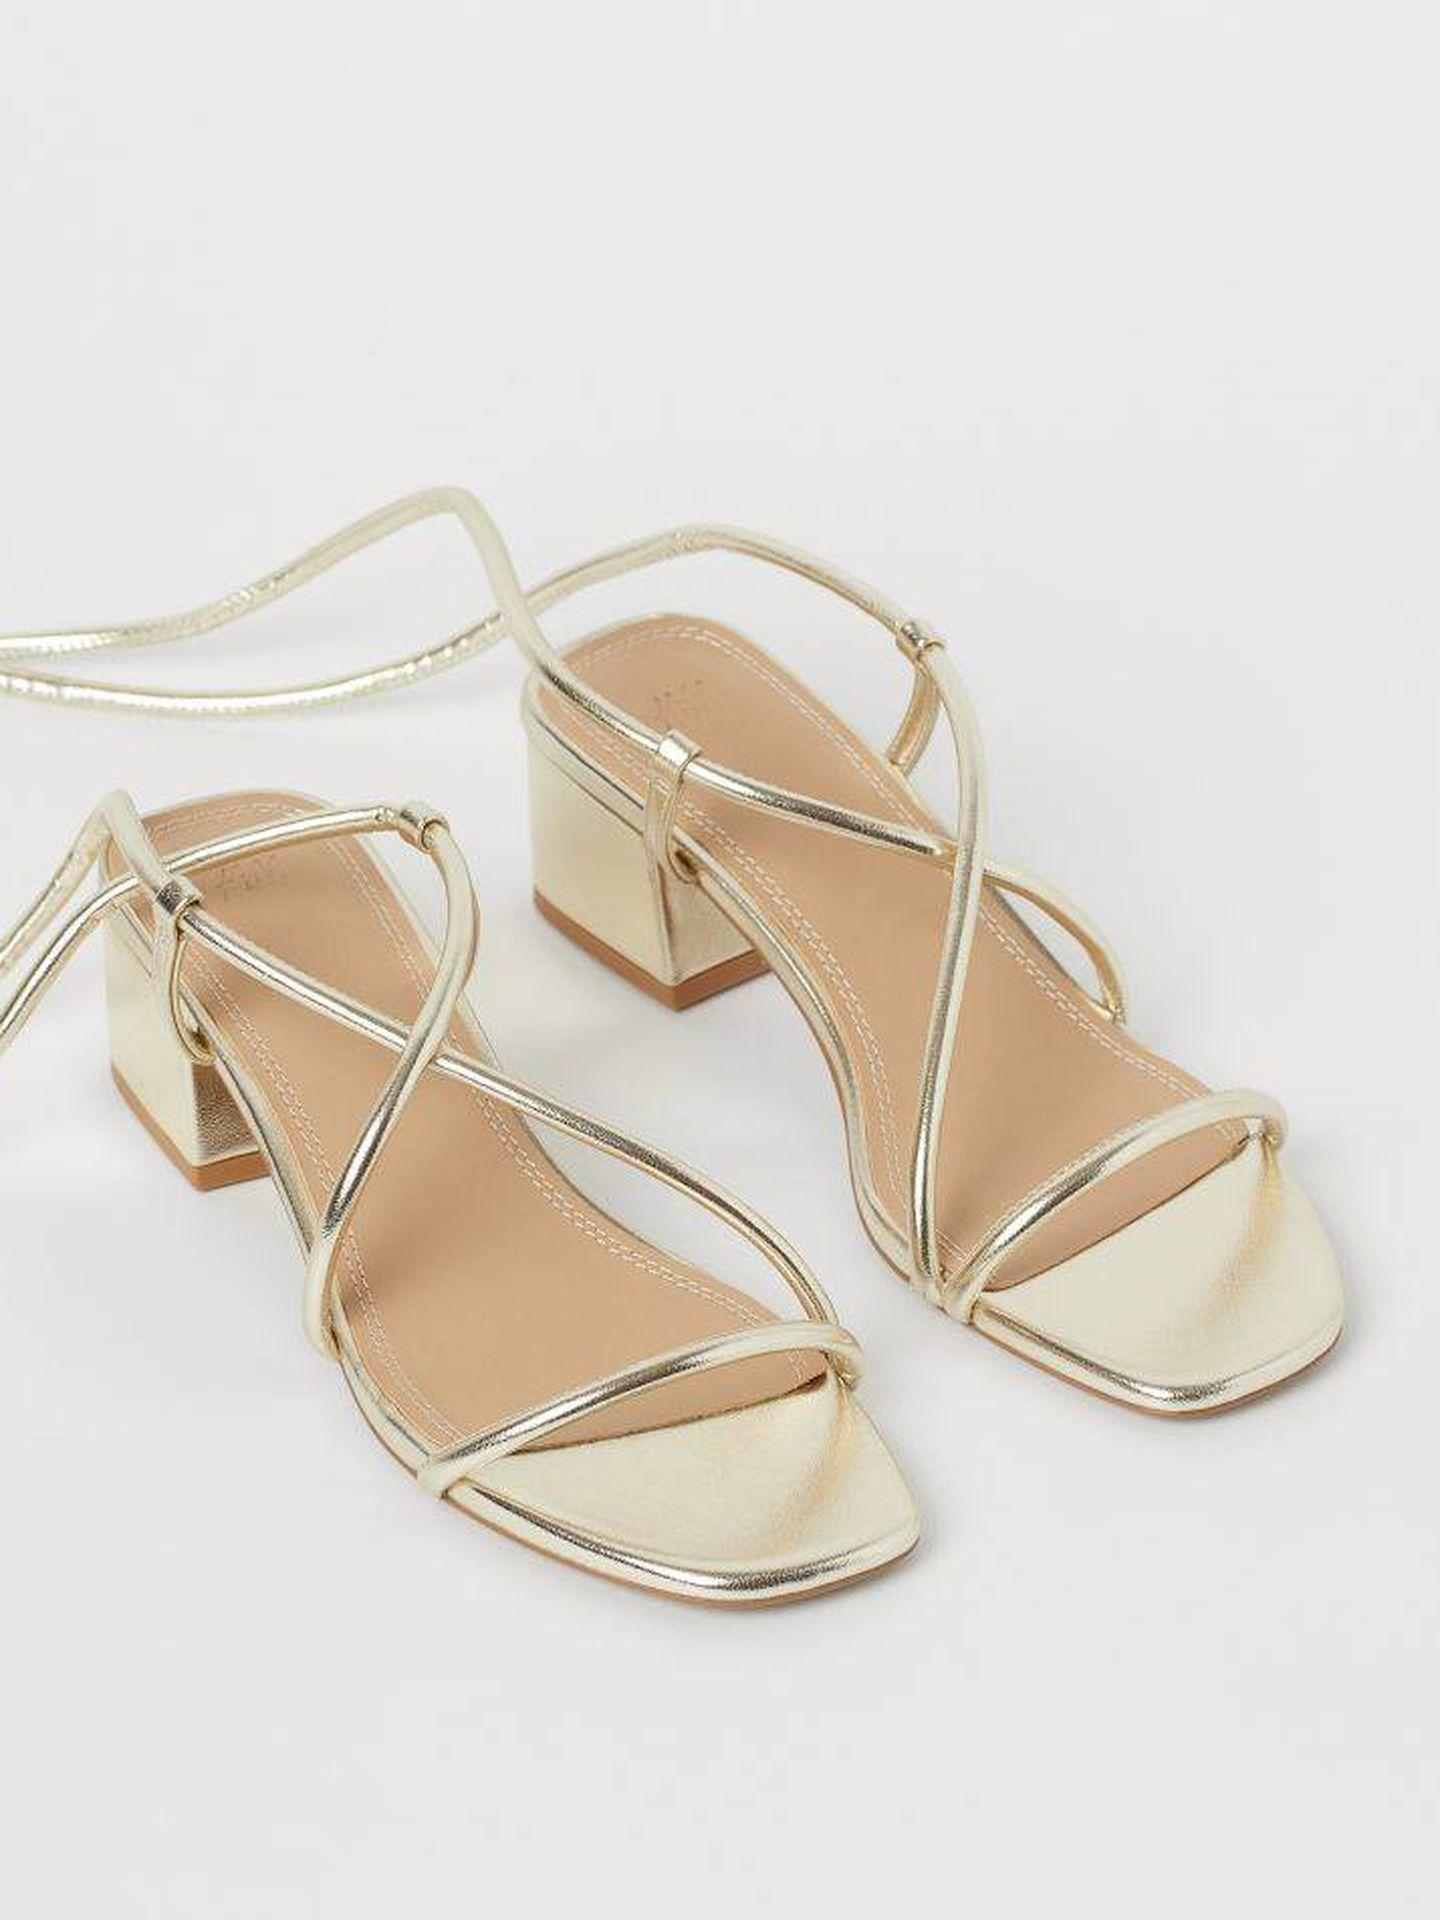 Las sandalias doradas de H&M. (Cortesía)